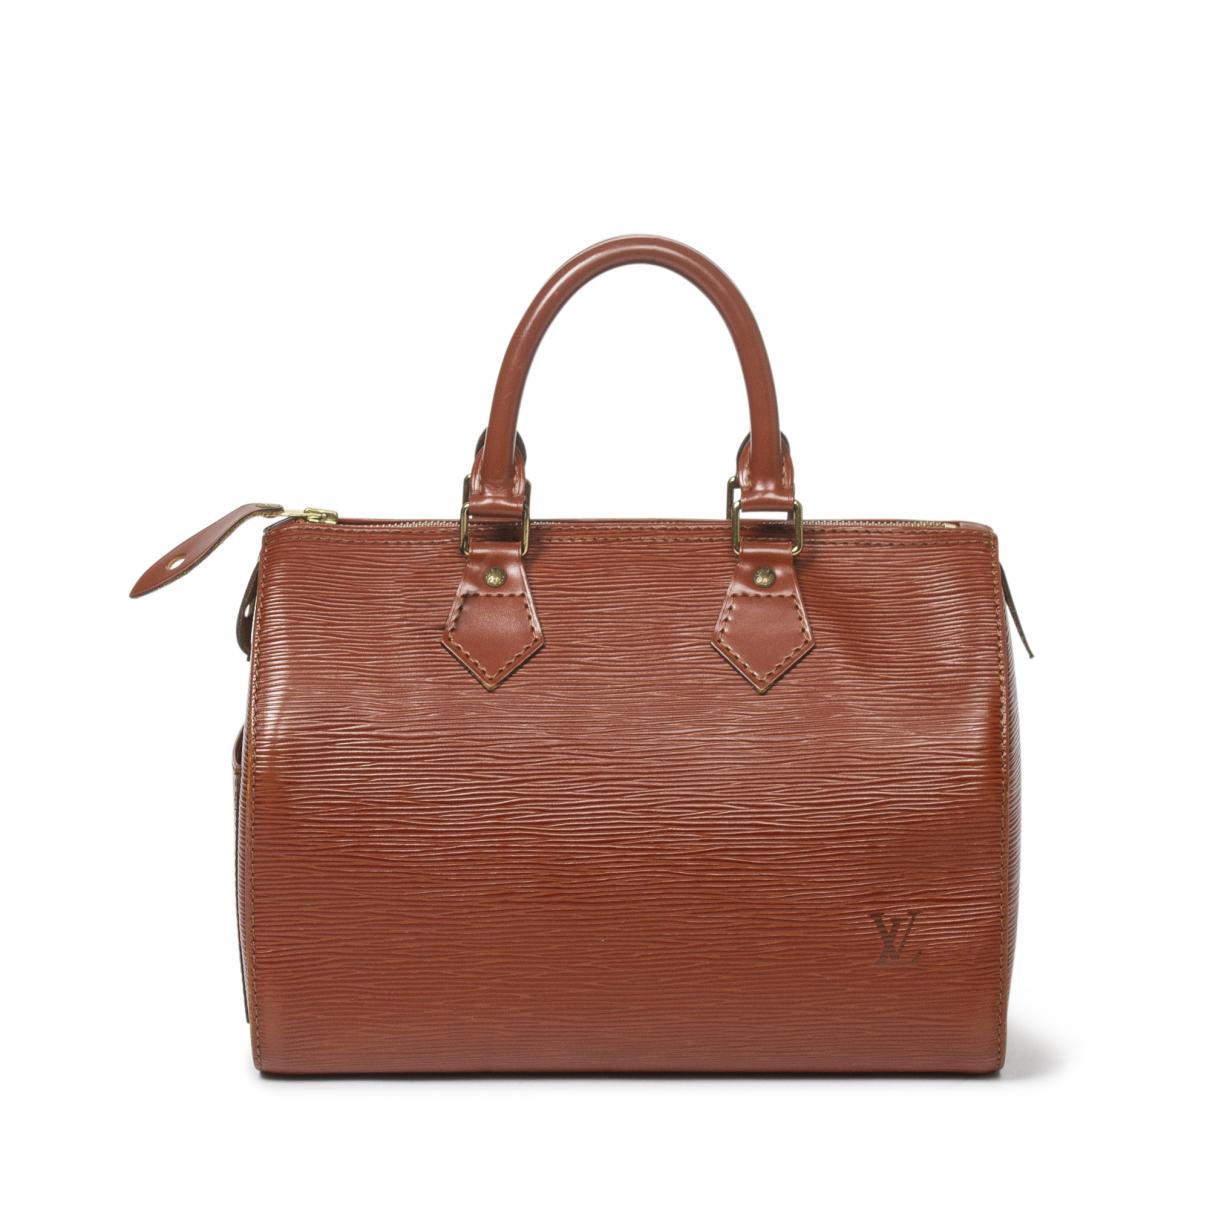 Louis Vuitton Speedy Khaki Leather handbag for Women \N